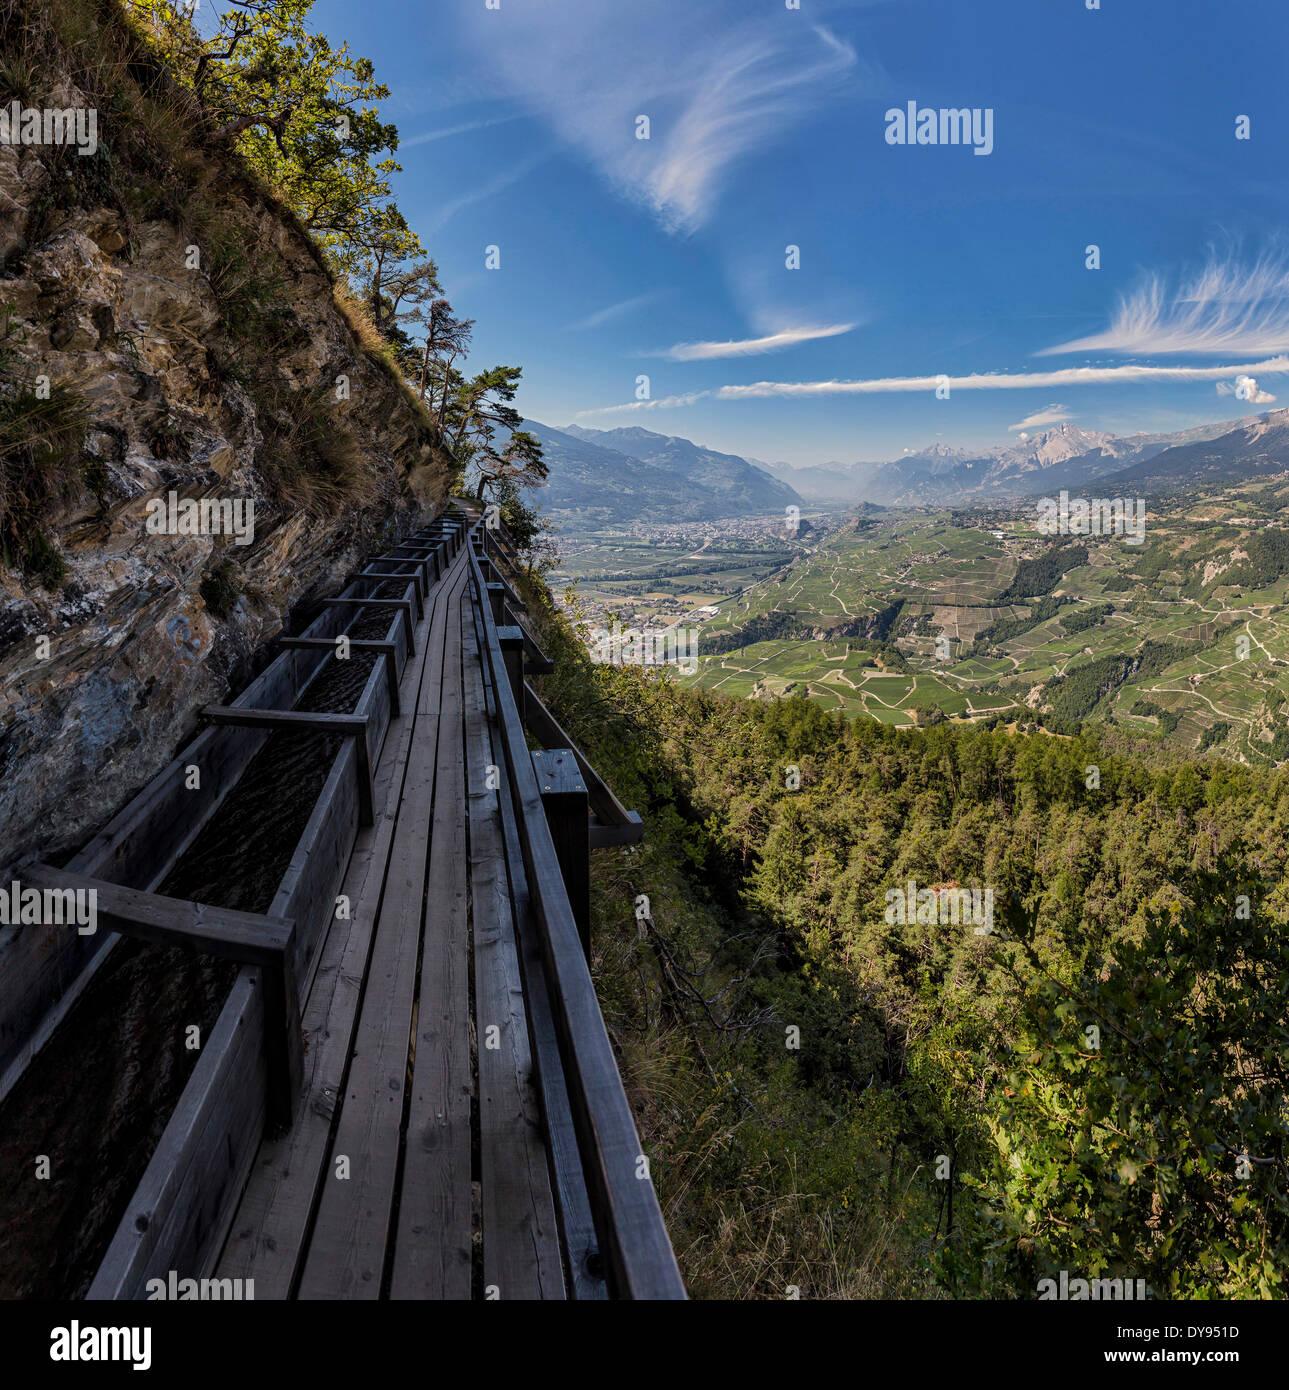 Grand Bisse de Lens, Bisse, landscape, summer, mountains, hills, Lens, Wallis, Valais, Switzerland, Europe, - Stock Image